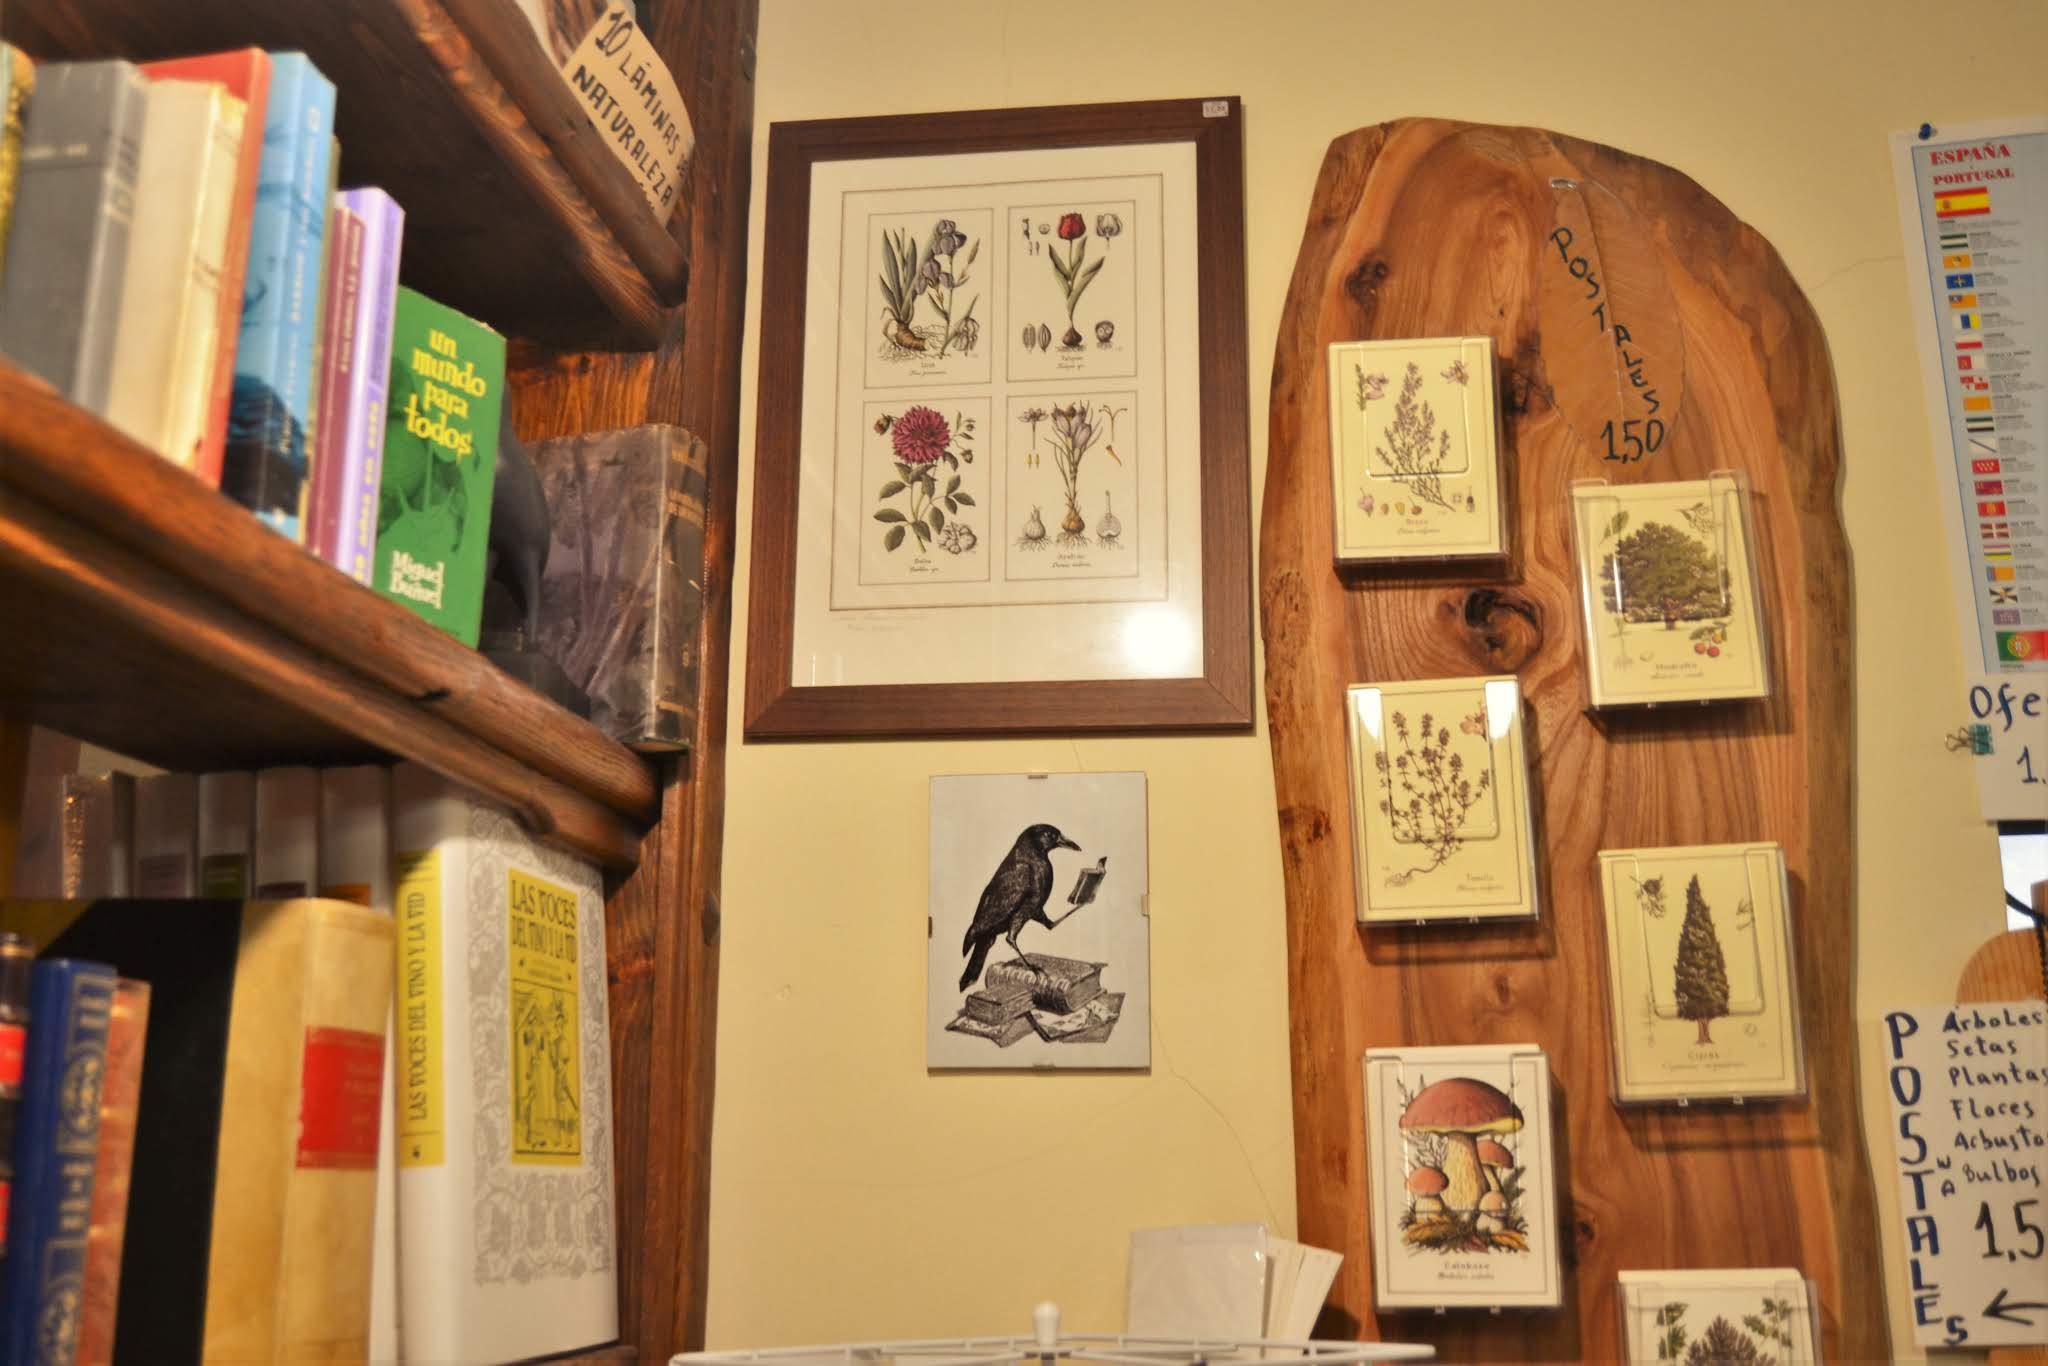 URUEÑA_VILLA_LIBRO_16_libreria-alcaravan